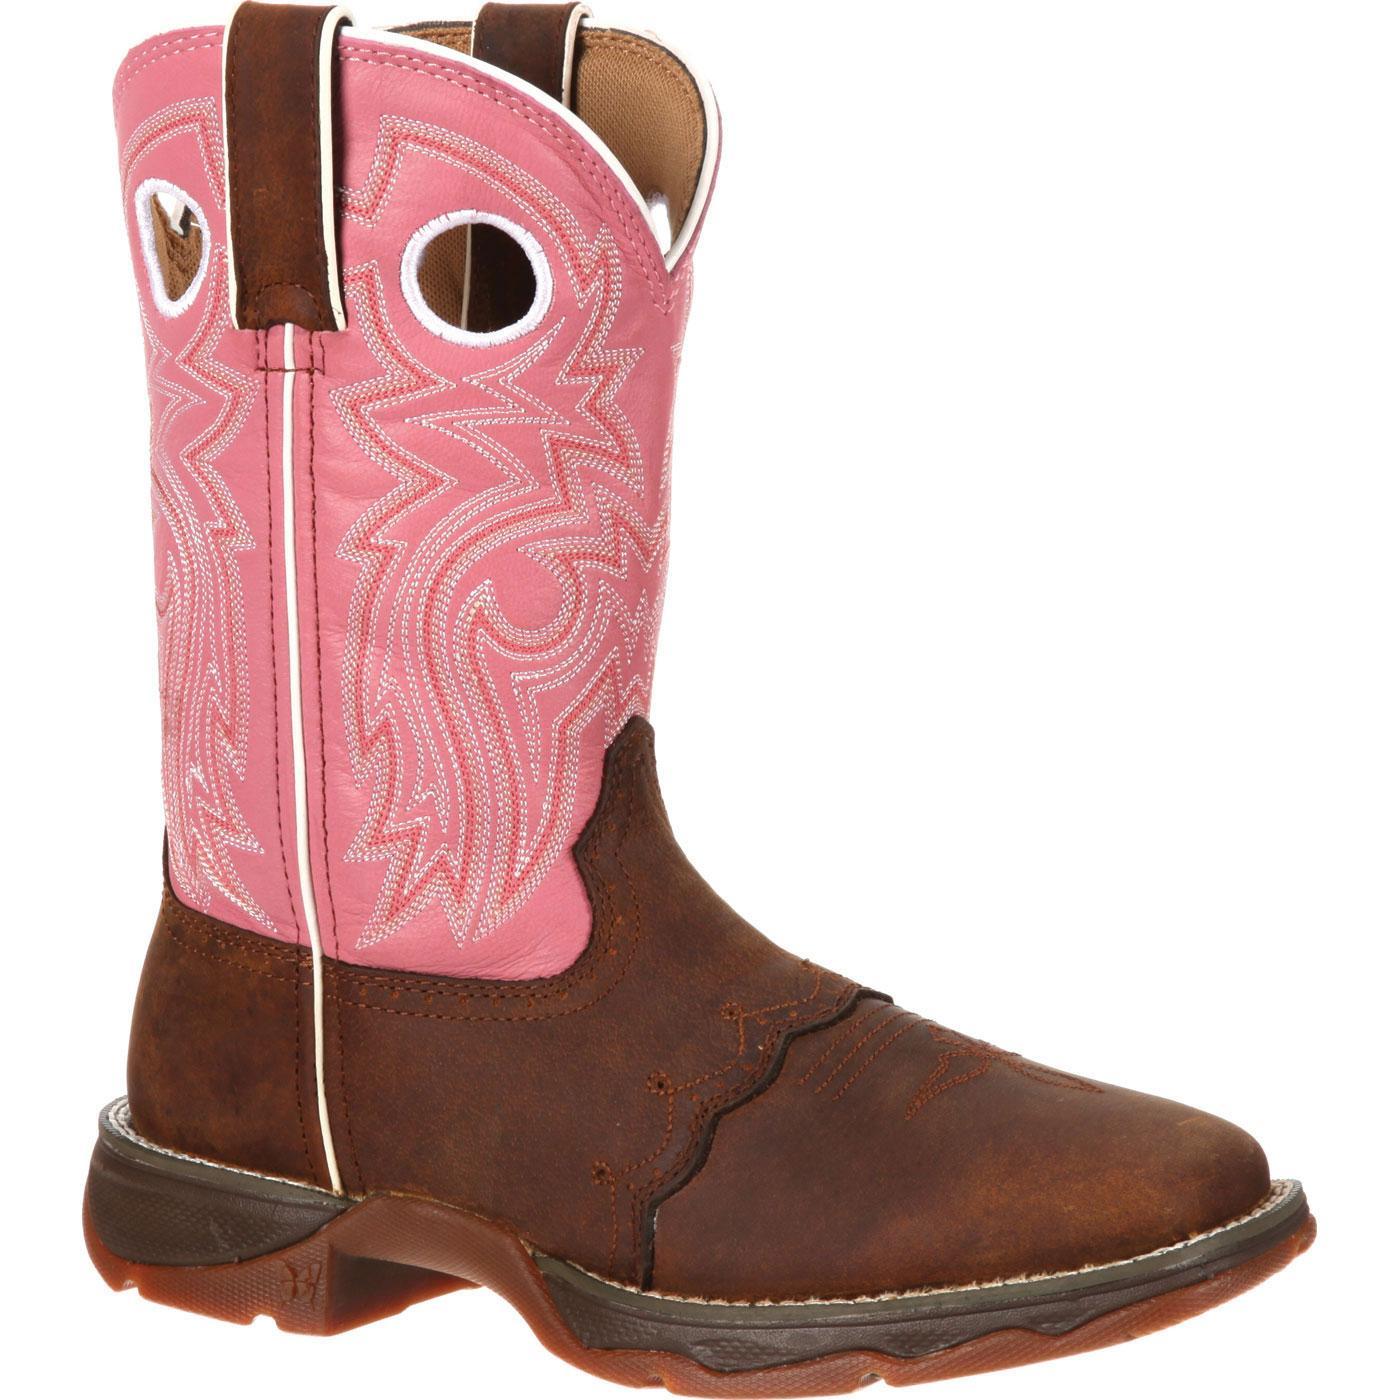 e8fb3203bb3 Lady Rebel by Durango Women's Blush n' Lace Saddle Western Boot